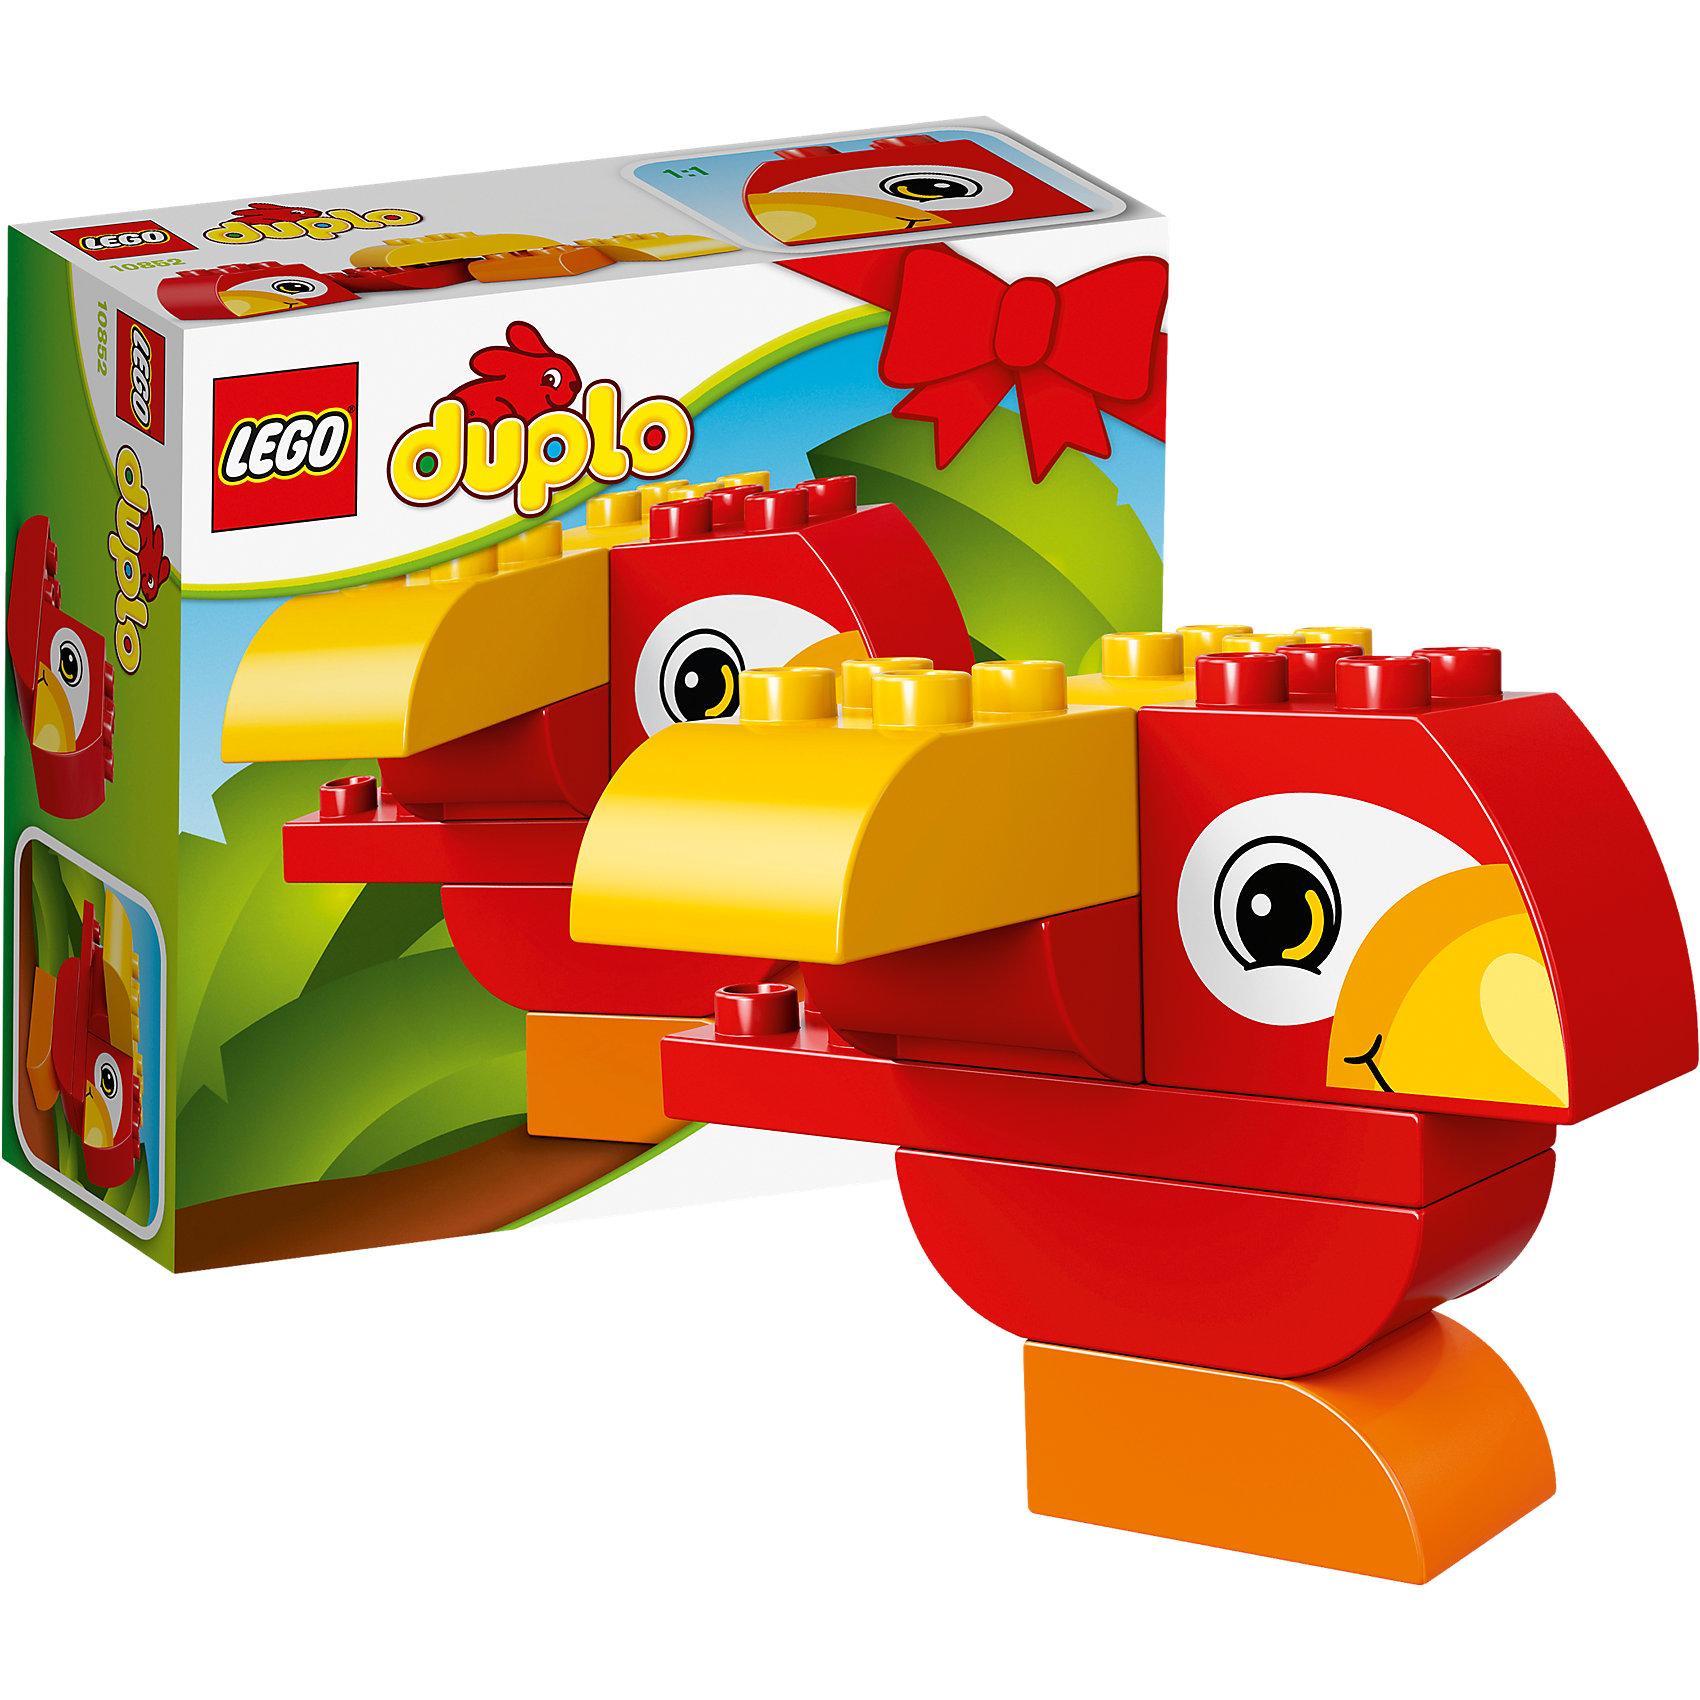 LEGO DUPLO 10852: Моя первая птичкаLEGO DUPLO 10852: Моя первая птичка<br><br>Характеристики:<br><br>- в набор входит: детали птички, инструкция<br>- состав: пластик<br>- количество деталей: 7<br>- размер коробки: 15 * 1,5 * 6 см.<br>- для детей в возрасте: от 1,5 до 3 лет<br>- Страна производитель: Дания/Китай/Чехия/<br><br>Легендарный конструктор LEGO (ЛЕГО) представляет серию «DUPLO» (Д?пло) для самых маленьких. Крупные детали безопасны для малышей, а интересная тематика, возможность фантазировать, собирать из конструктора свои фигуры и играть в него приведут кроху в восторг! Этот небольшой набор сразу и игрушка и конструктор. Яркие и отлично детализированные детали выполнены из очень качественного пластика. Ребенок сможет собирать из них райских птичек, располагая крылья и хохолок по-разному. Детали набора подходят ко всем другим наборам серии DUPLO. Играя с этим конструктором ребенок сможет развить внимание, память, моторику ручек, а также творческие способности. <br><br>Конструктор  LEGO DUPLO 10852: Моя первая птичка можно купить в нашем интернет-магазине.<br><br>Ширина мм: 159<br>Глубина мм: 144<br>Высота мм: 66<br>Вес г: 126<br>Возраст от месяцев: 12<br>Возраст до месяцев: 36<br>Пол: Унисекс<br>Возраст: Детский<br>SKU: 5002408